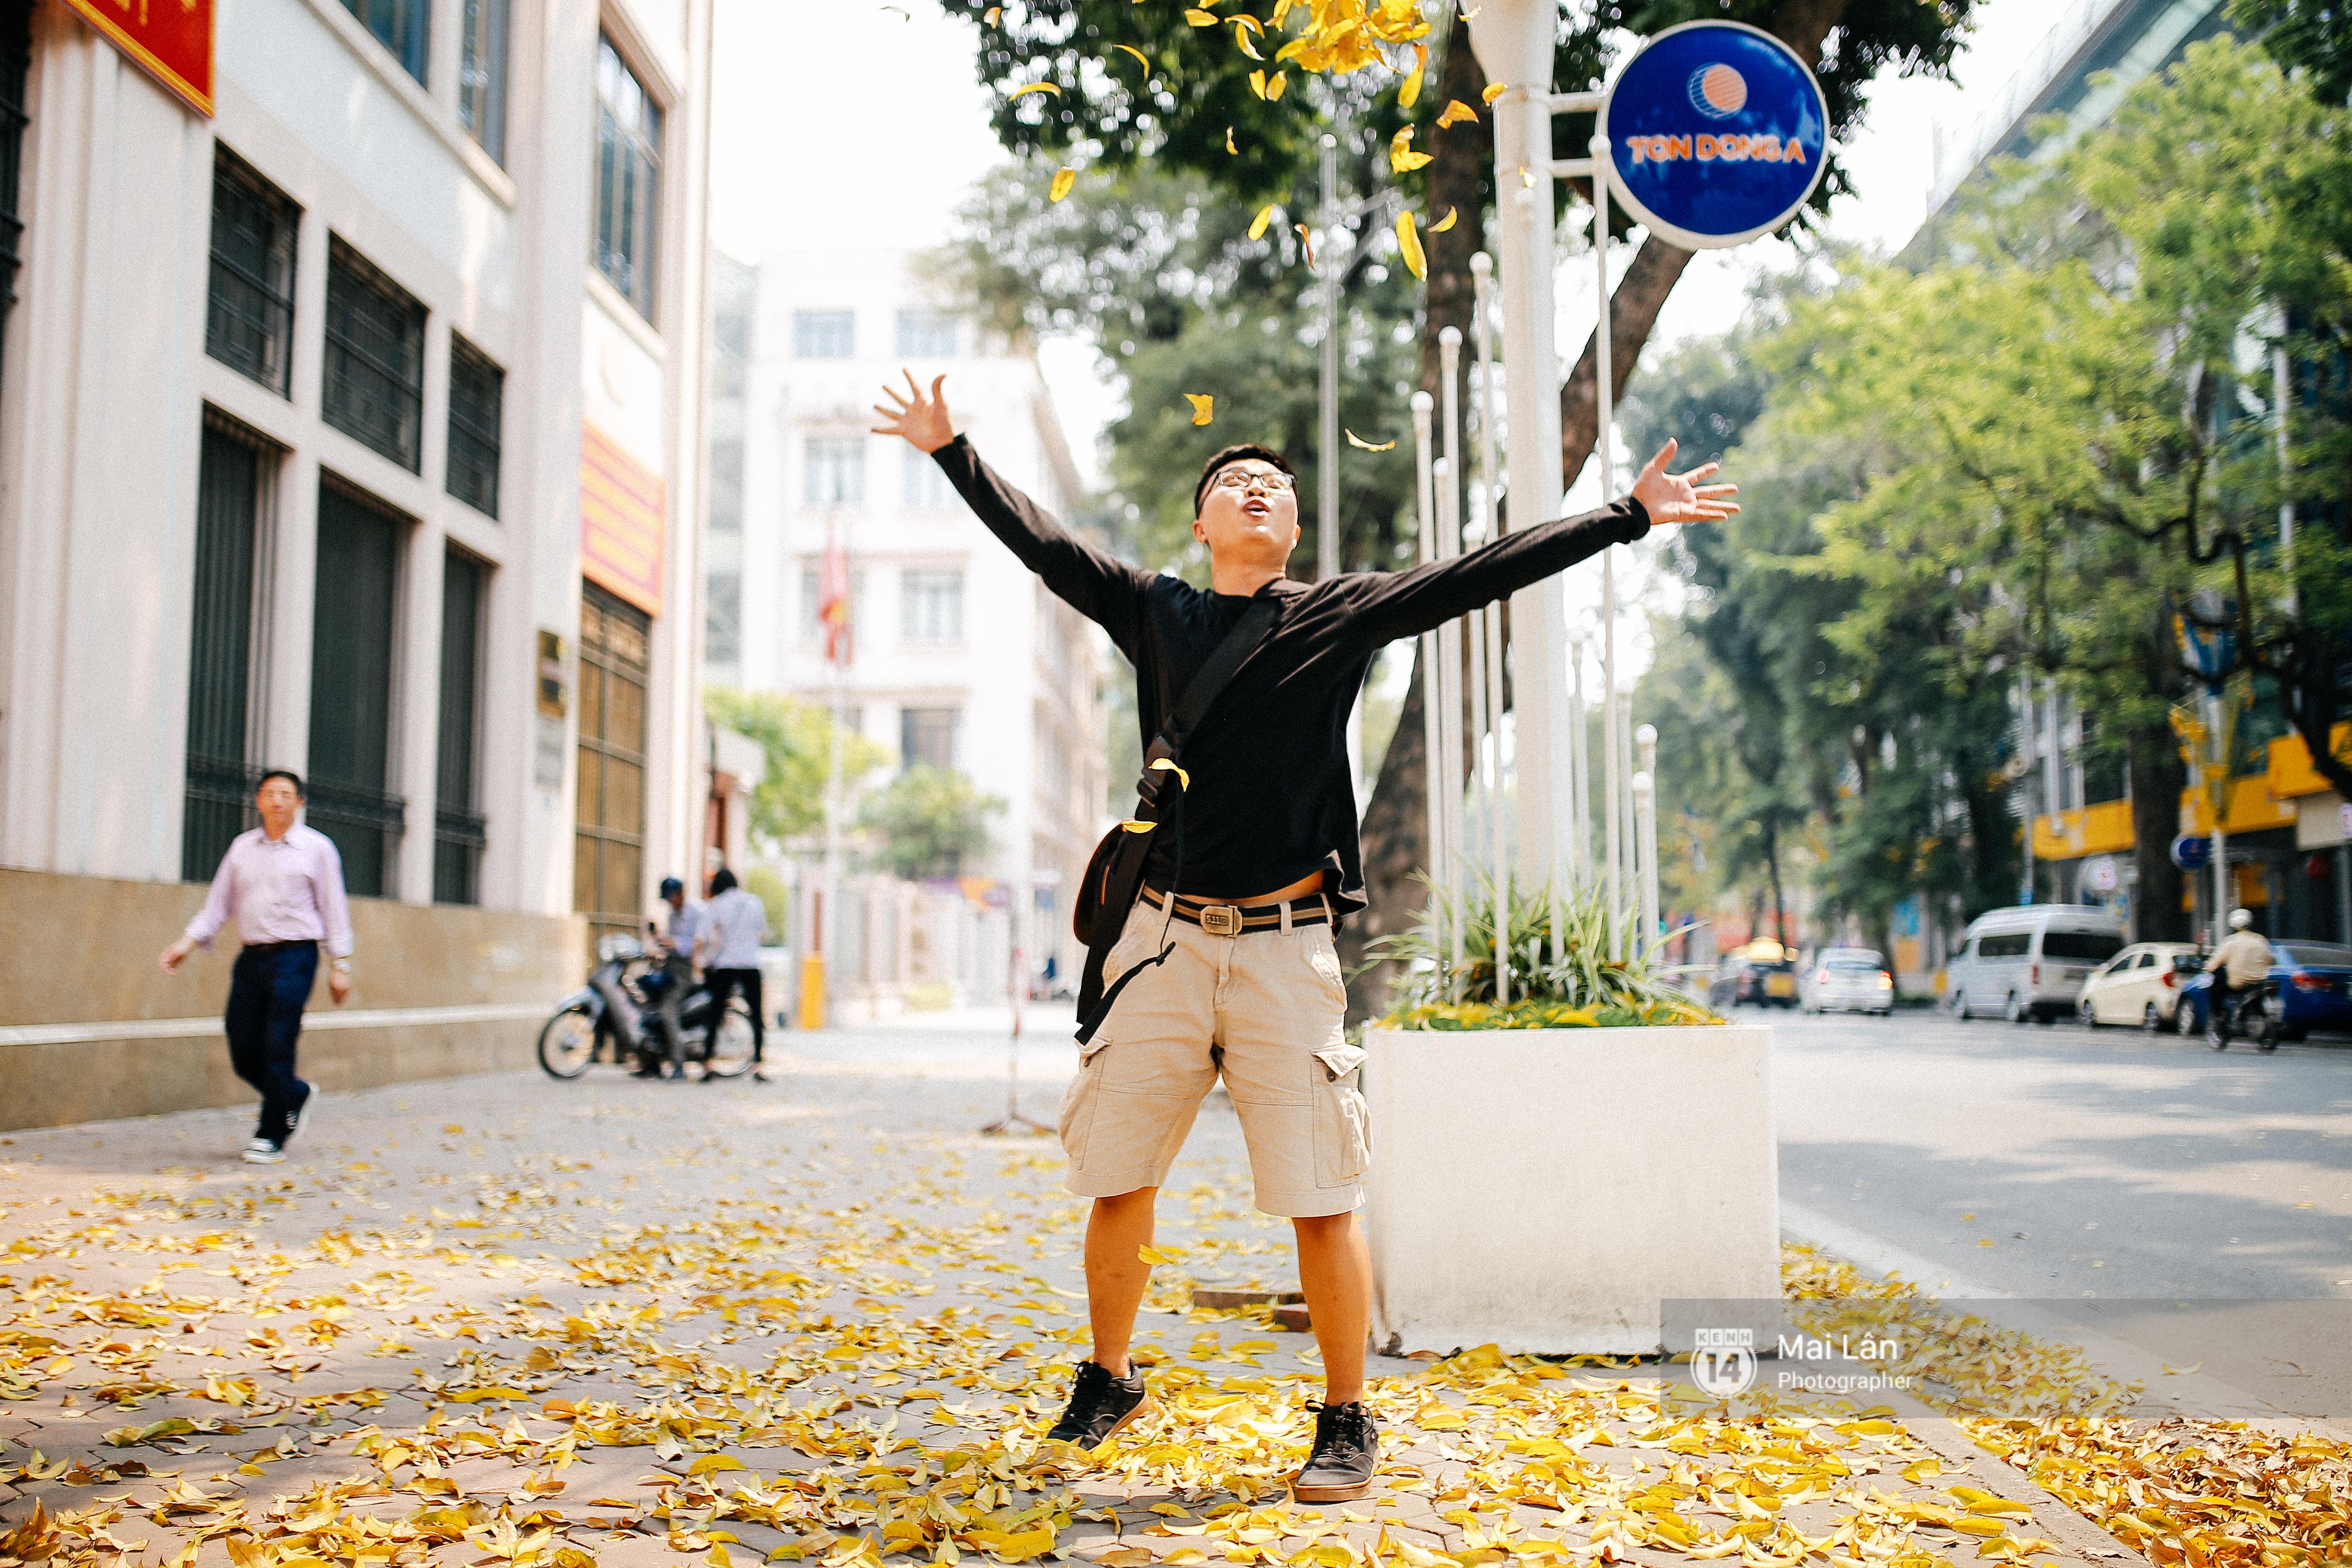 Những ngày Hà Nội rất nóng, nhưng lòng dịu lại vì cảnh lá rụng đẹp như mùa thu thứ 2 - Ảnh 11.